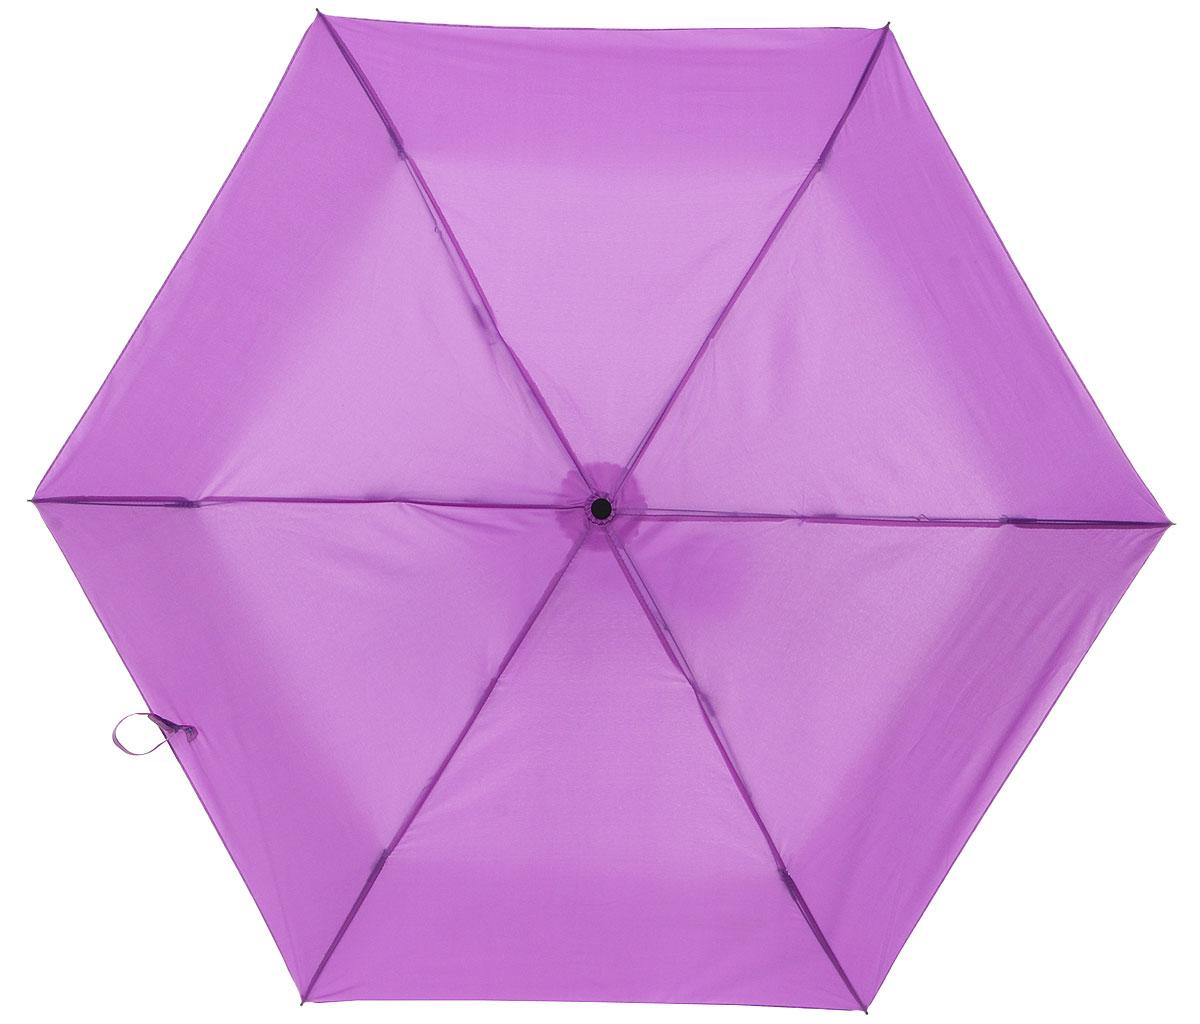 Зонт детский Эврика Баклажан, механика, 2 сложения, цвет: фиолетовый. 9677596775Оригинальный и яркий детский зонт Эврика станет замечательным подарком для вашего ребенка. Изделие имеет механический способ сложения: и купол, и стержень открываются вручную до характерного щелчка. Зонт состоит из шести спиц и стержня, изготовленных из металла. Яркий купол выполнен из качественного нейлона, который не пропускает воду. Зонт дополнен чехлом из пластика, имитирующим баклажан. Ручка выполнена в виде черенка баклажана и дополнена петлей, благодаря которой зонт можно носить на запястье. Компактный пластиковый чехол предохраняет зонт от повреждений. Оригинальный дизайн зонта поднимет настроение не только вам, но и окружающим.